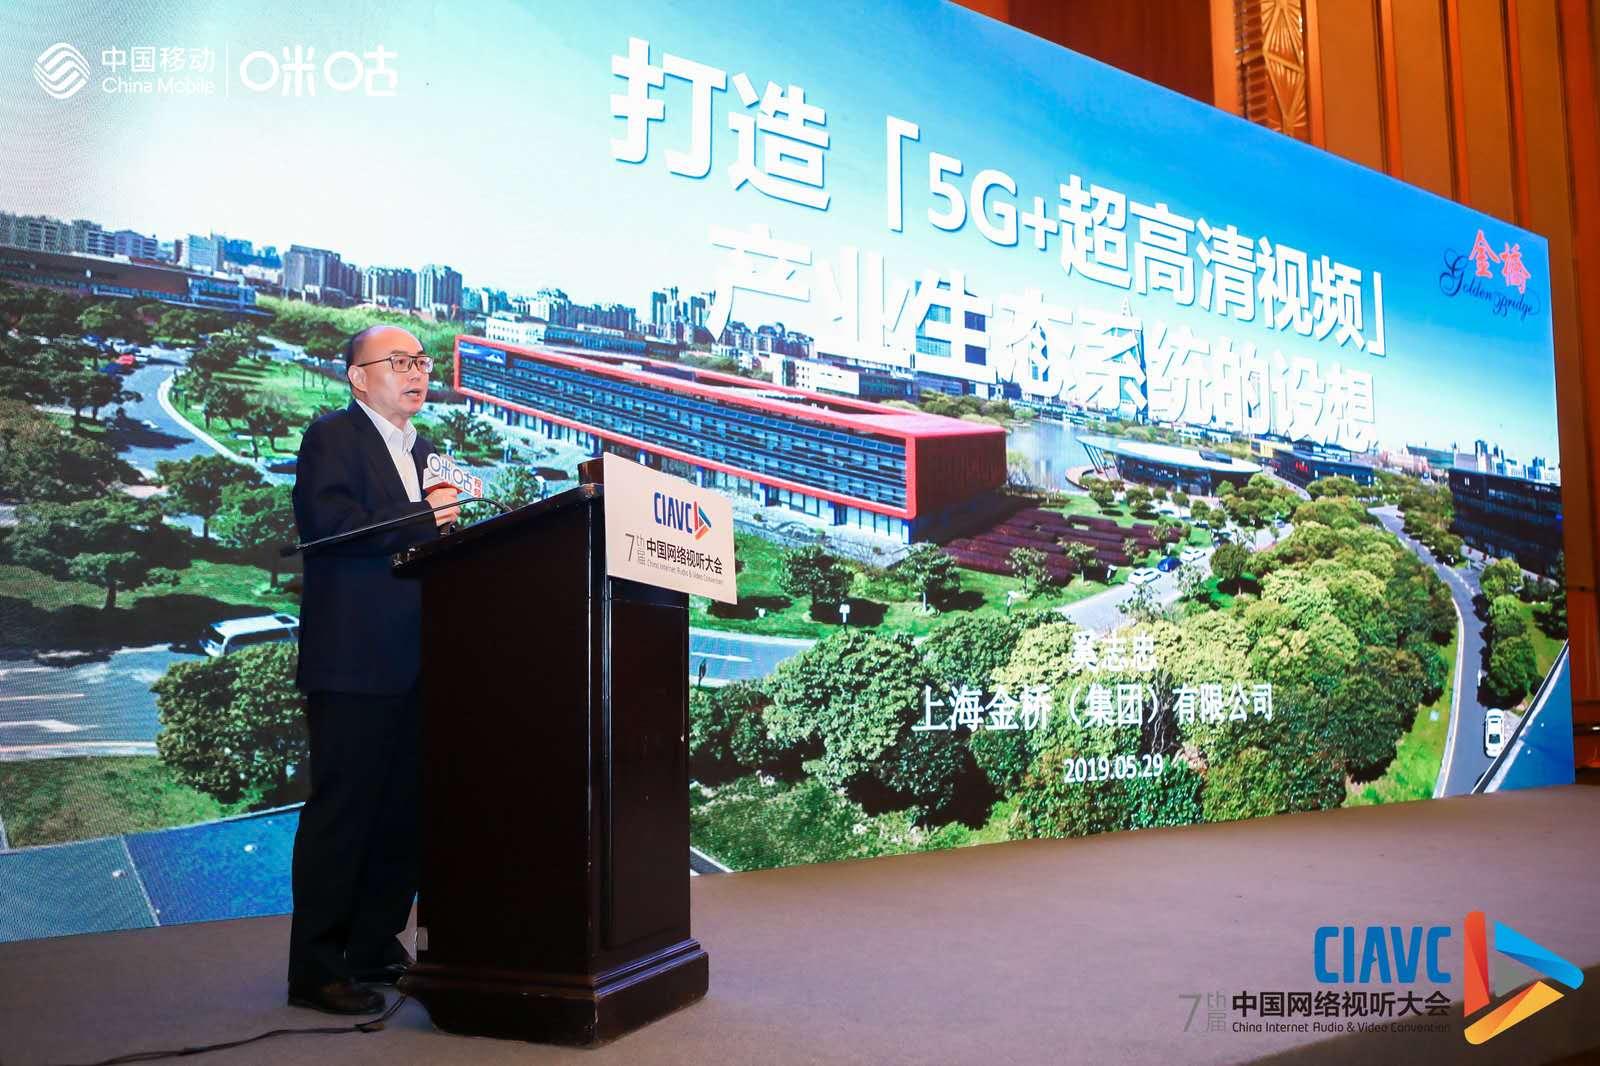 上海金桥(集团)党委副书记副总裁奚志忠:打造